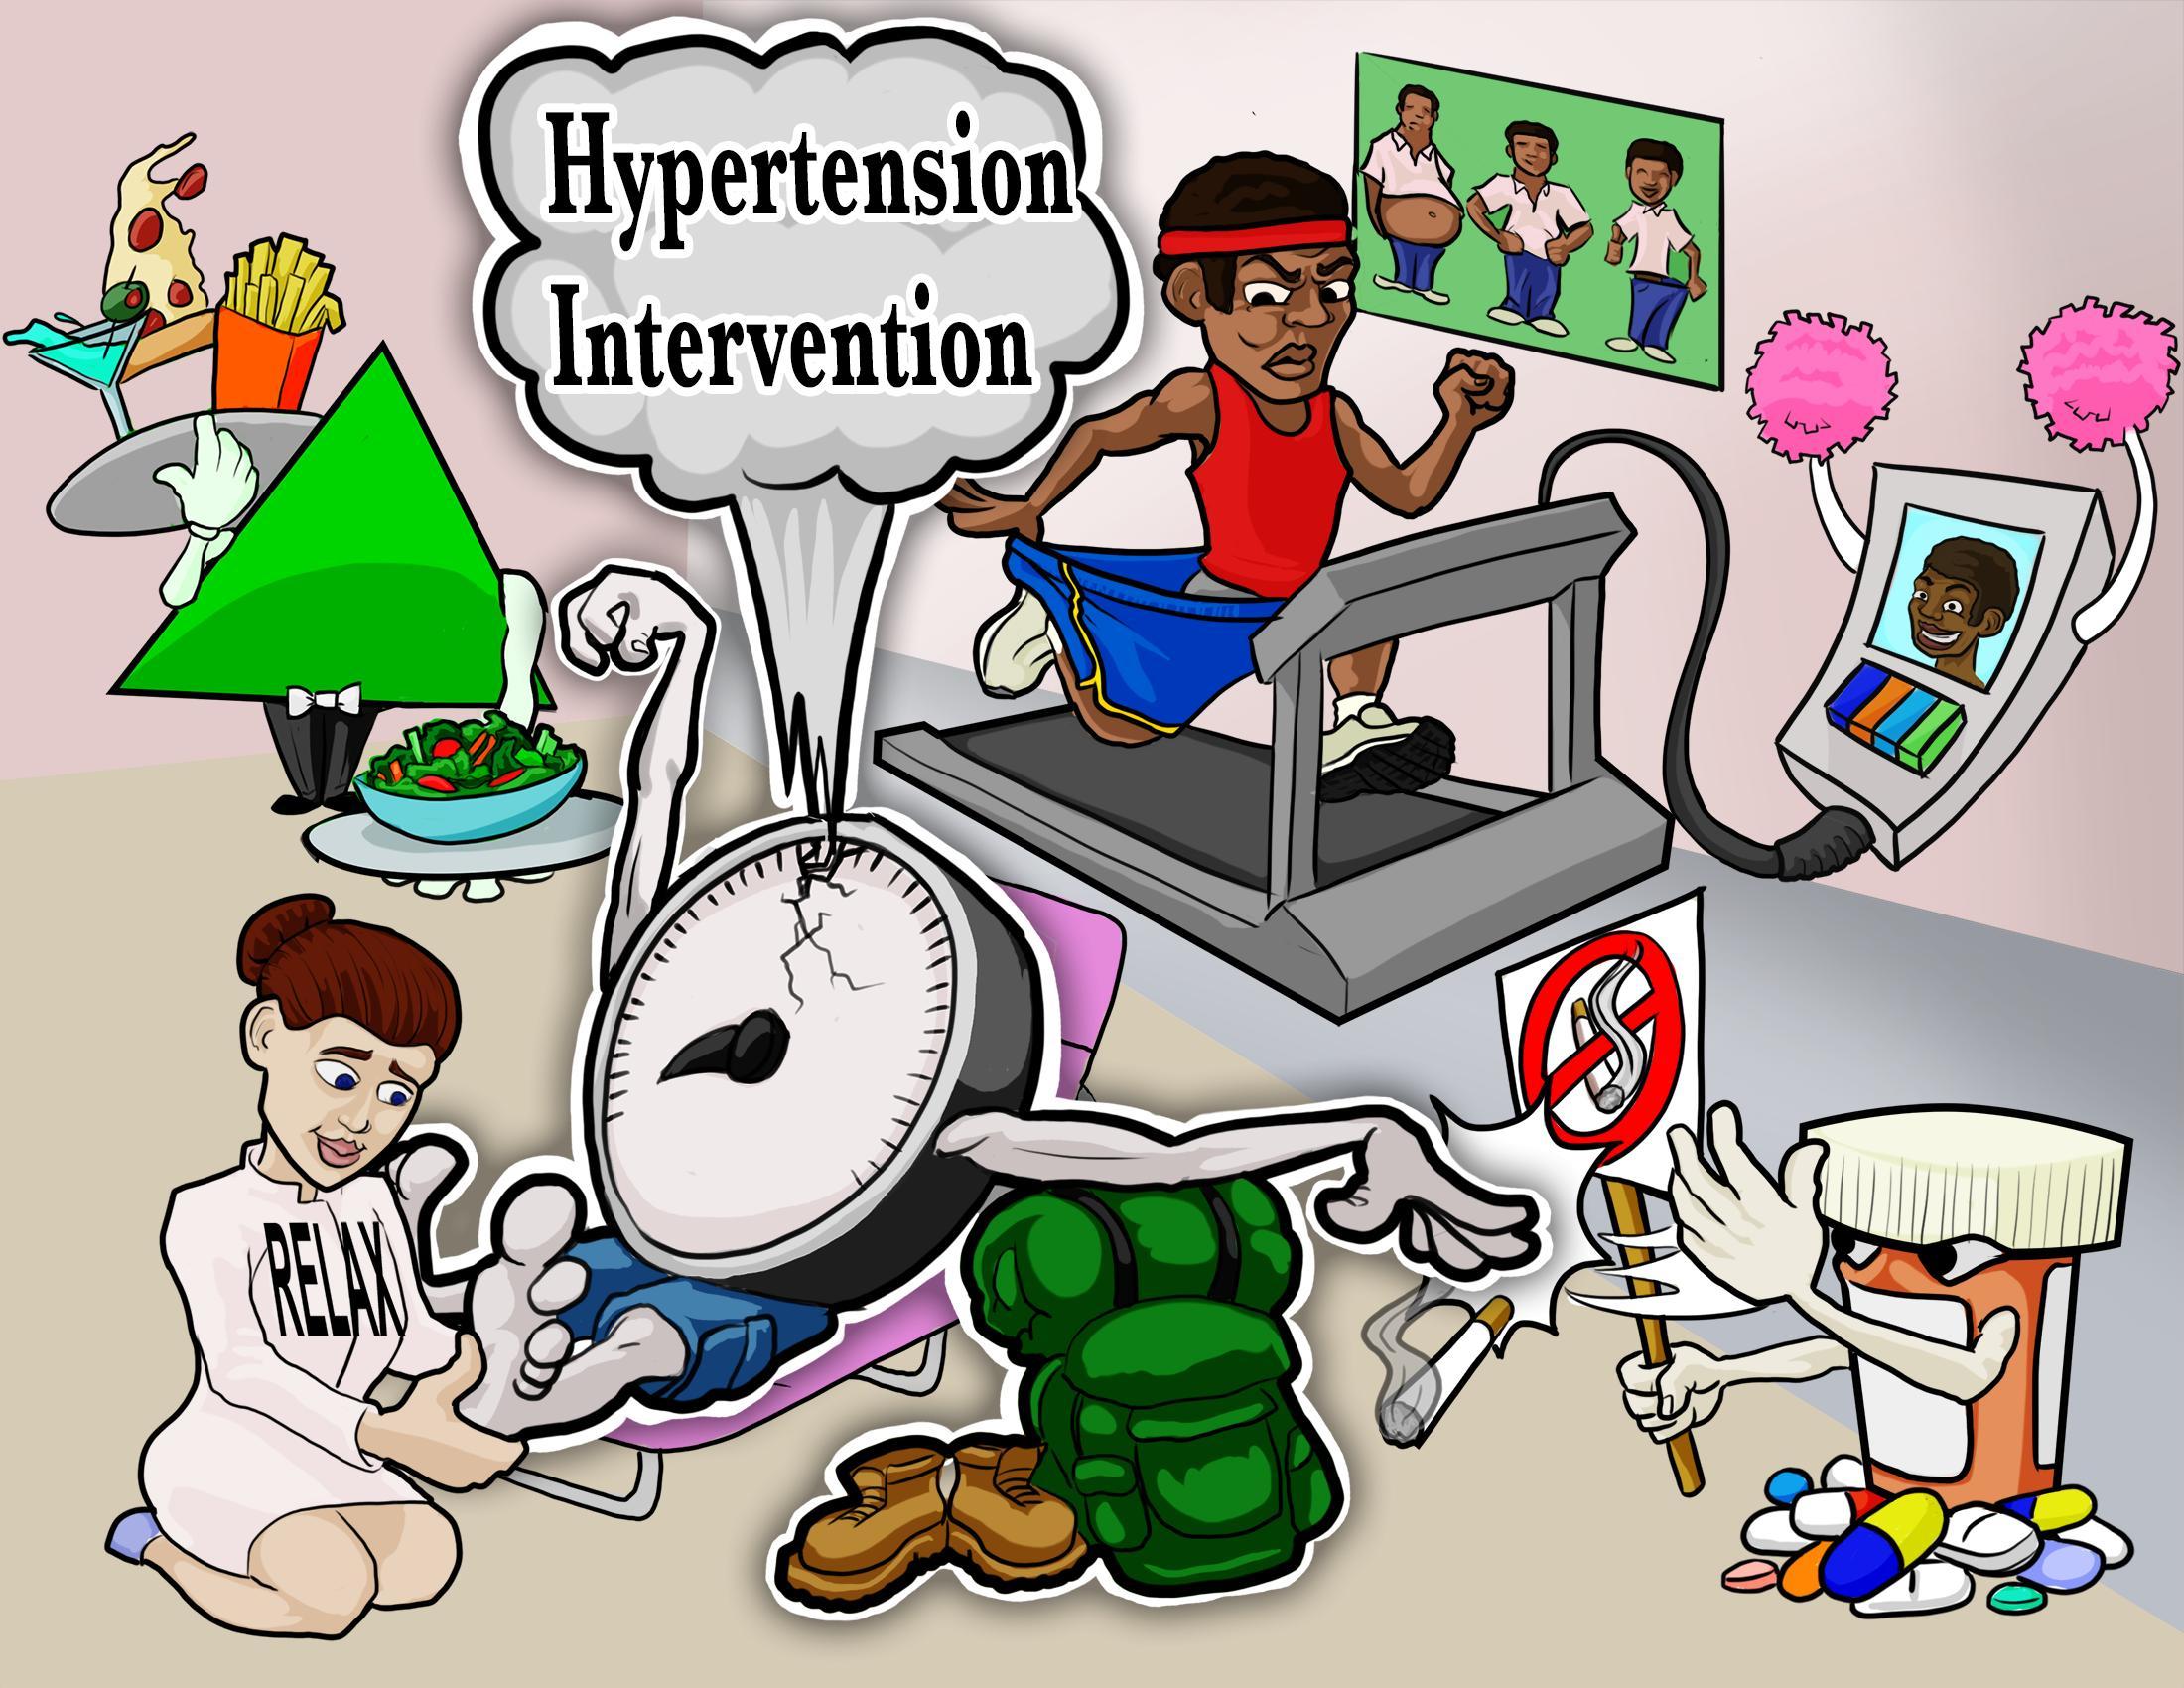 Hypertension Intervention